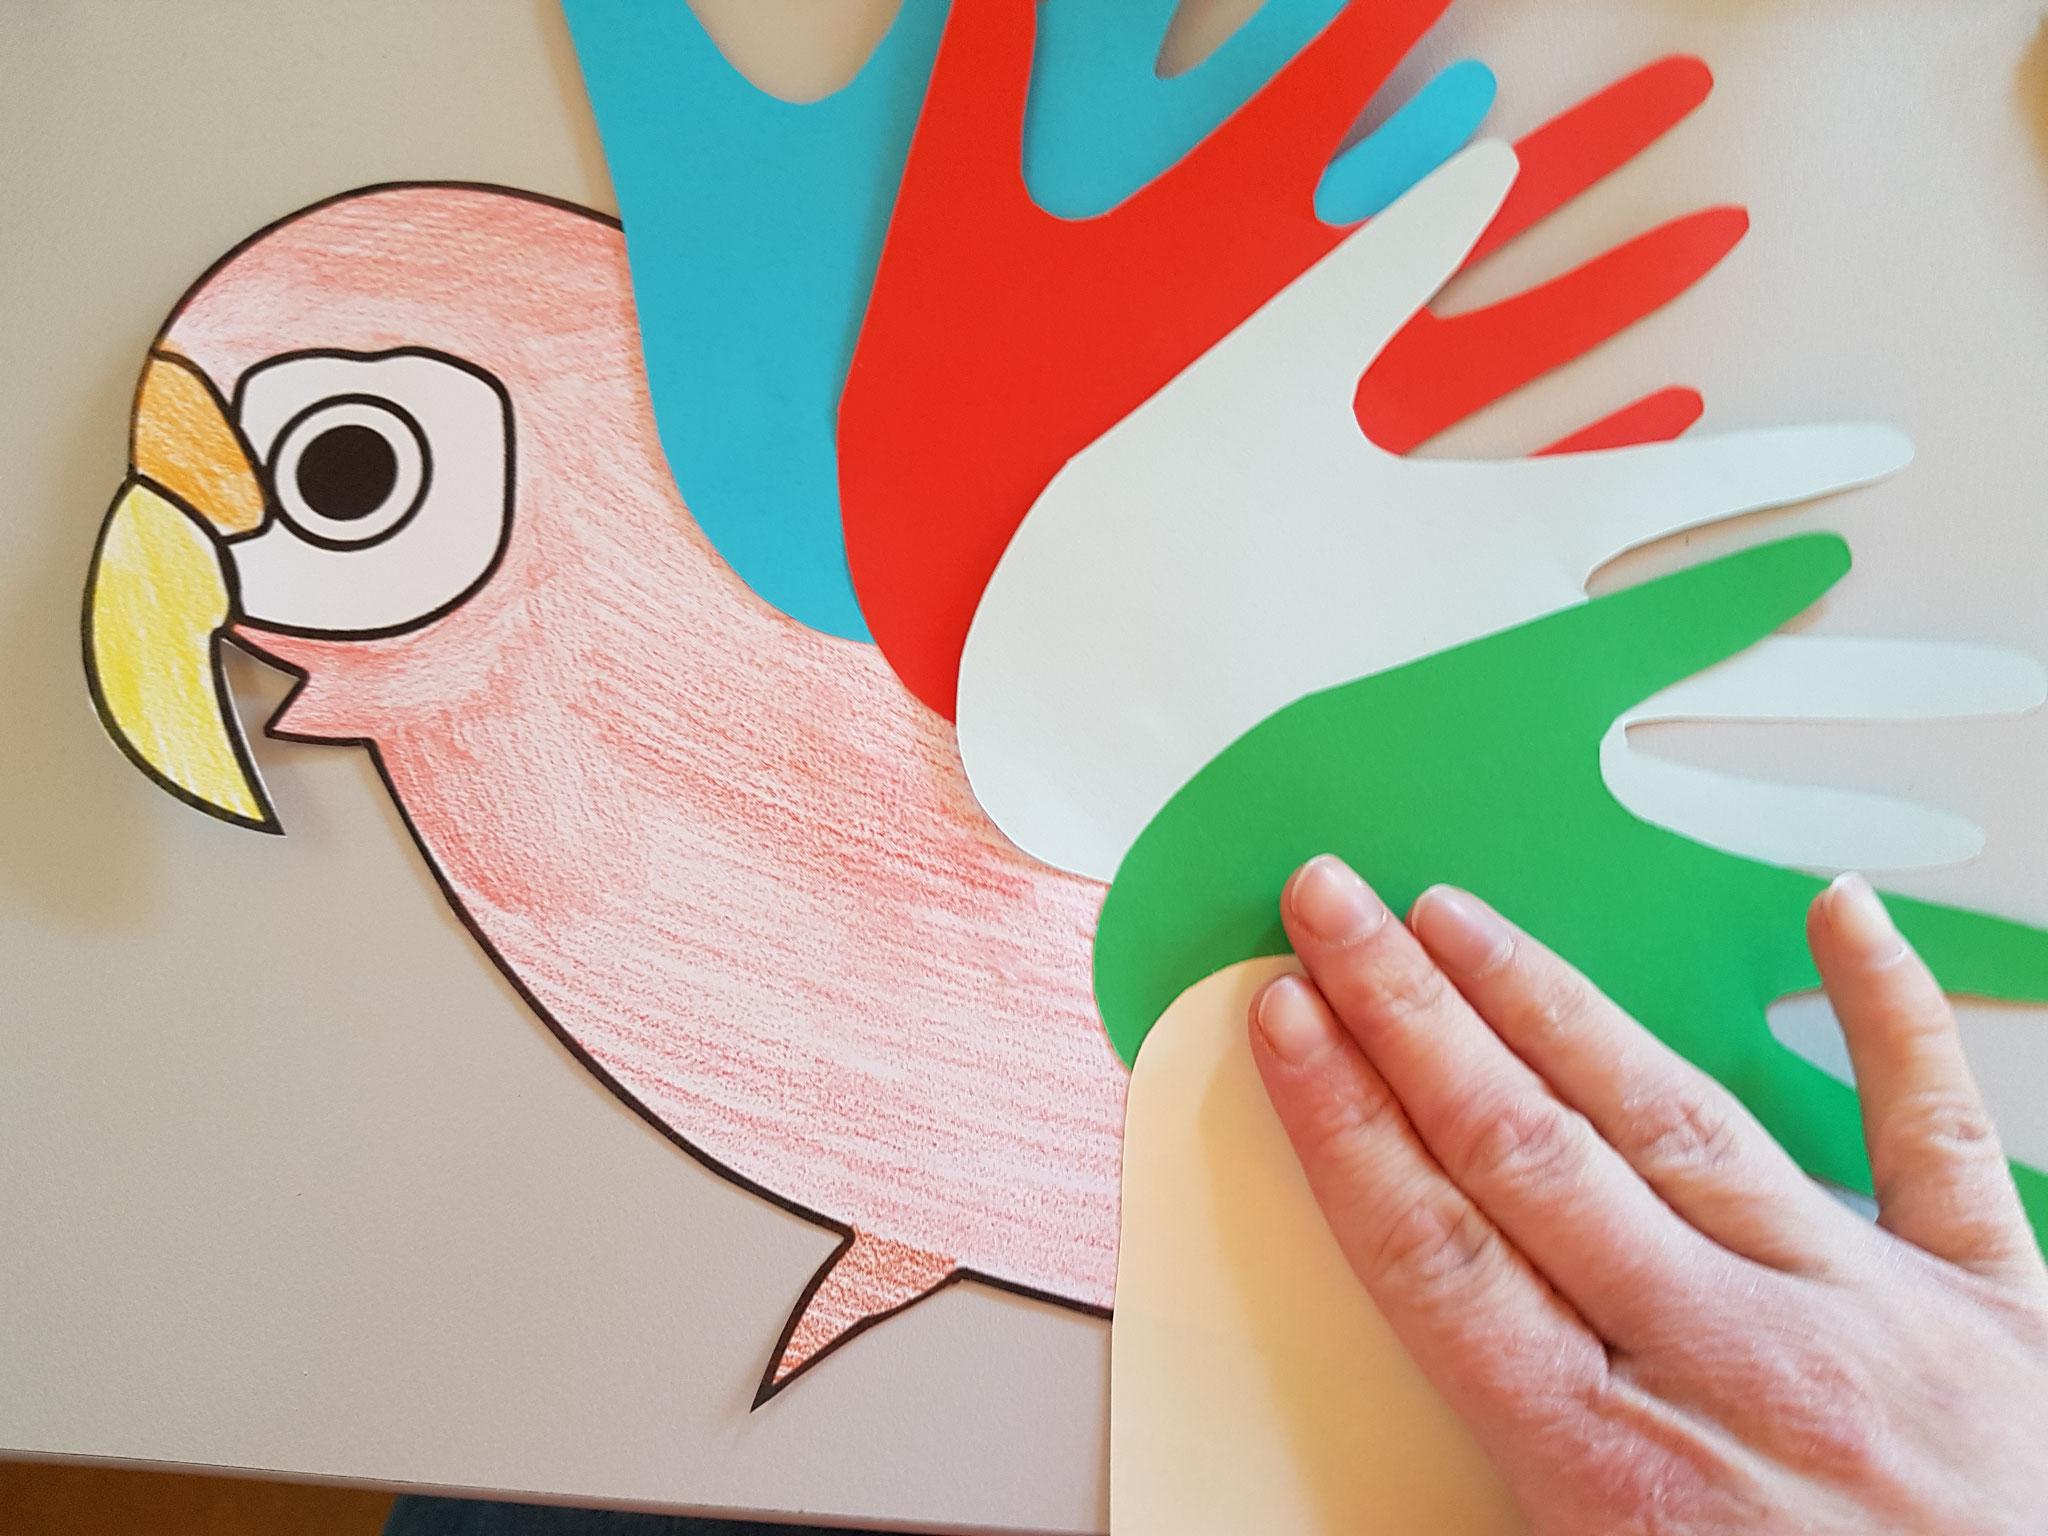 ...die letzte Hand klebst du dem Papagei auf den Bauch...